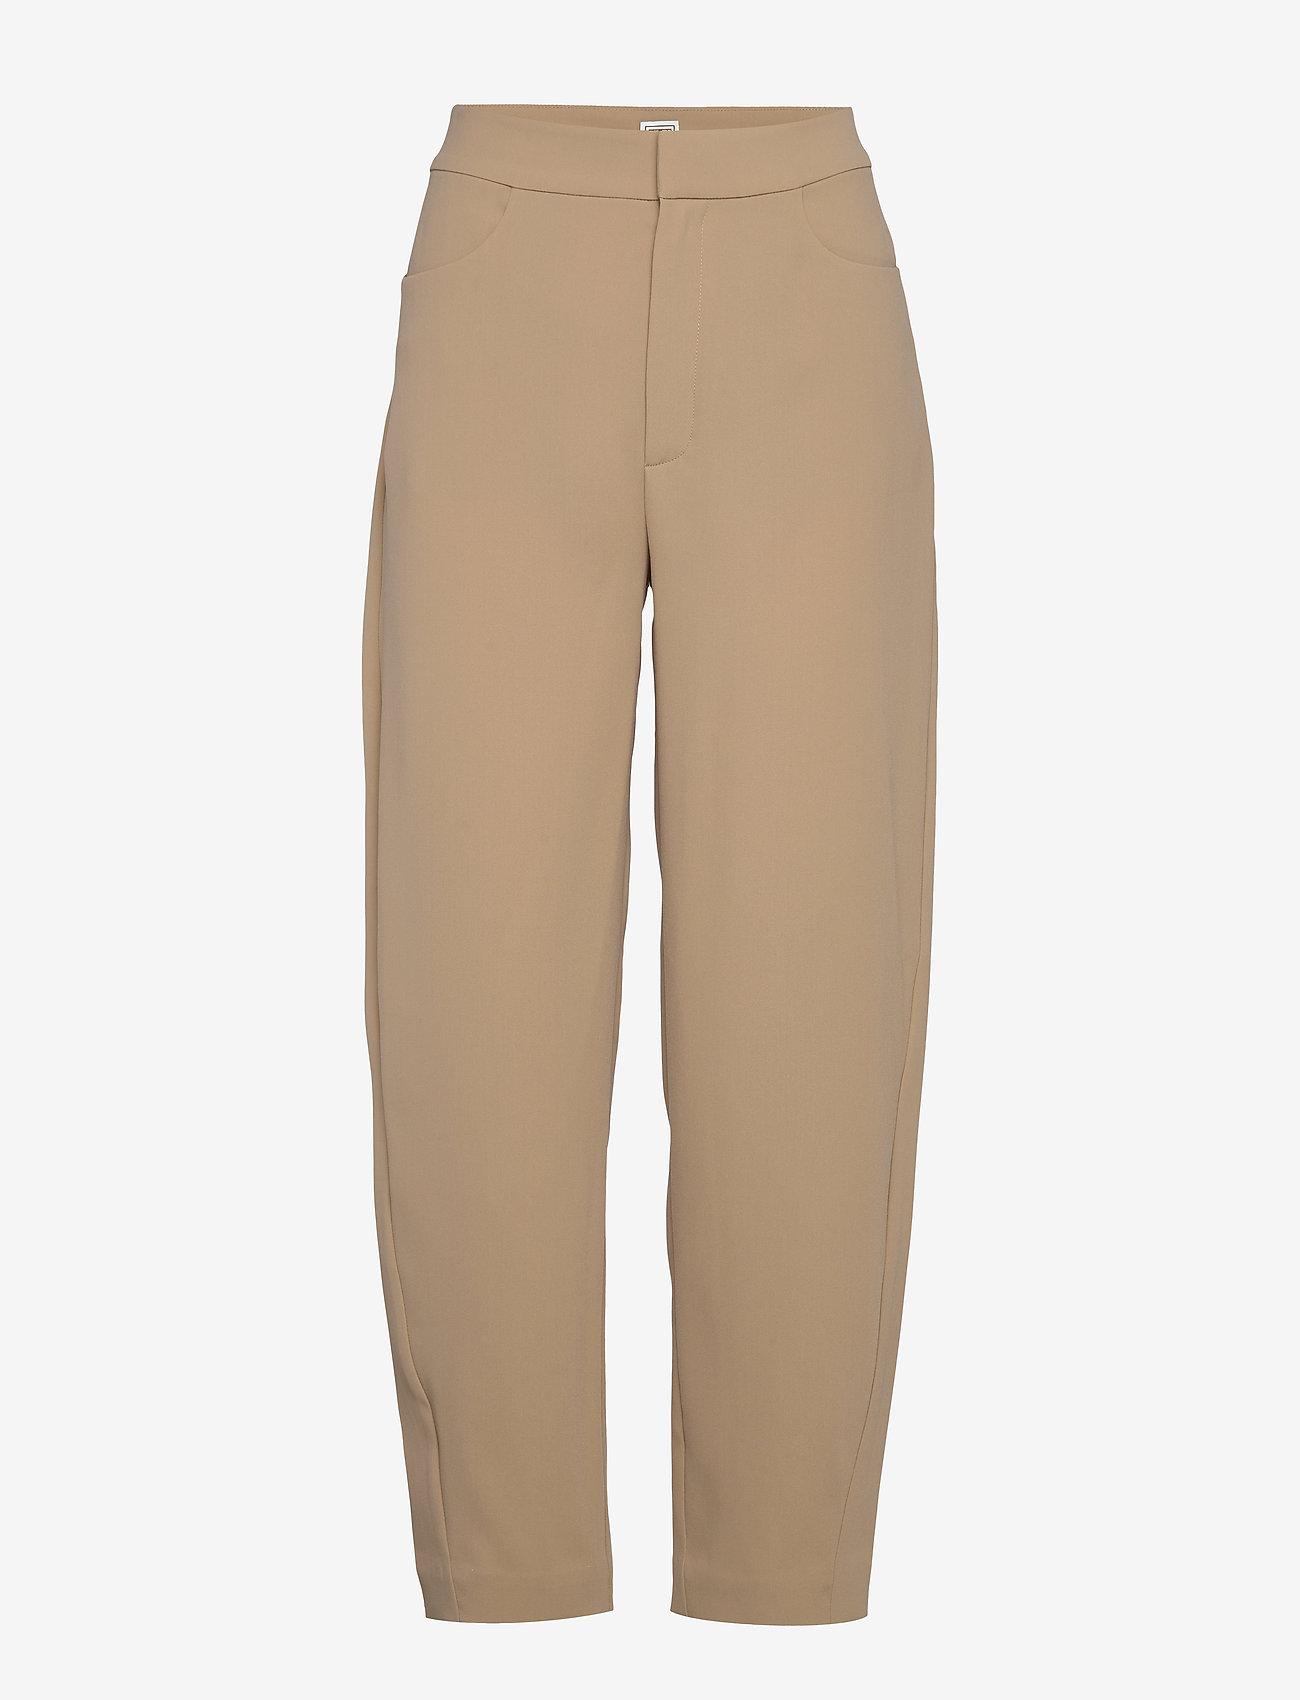 Totême - NOVARA - straight leg trousers - khaki crepe 850